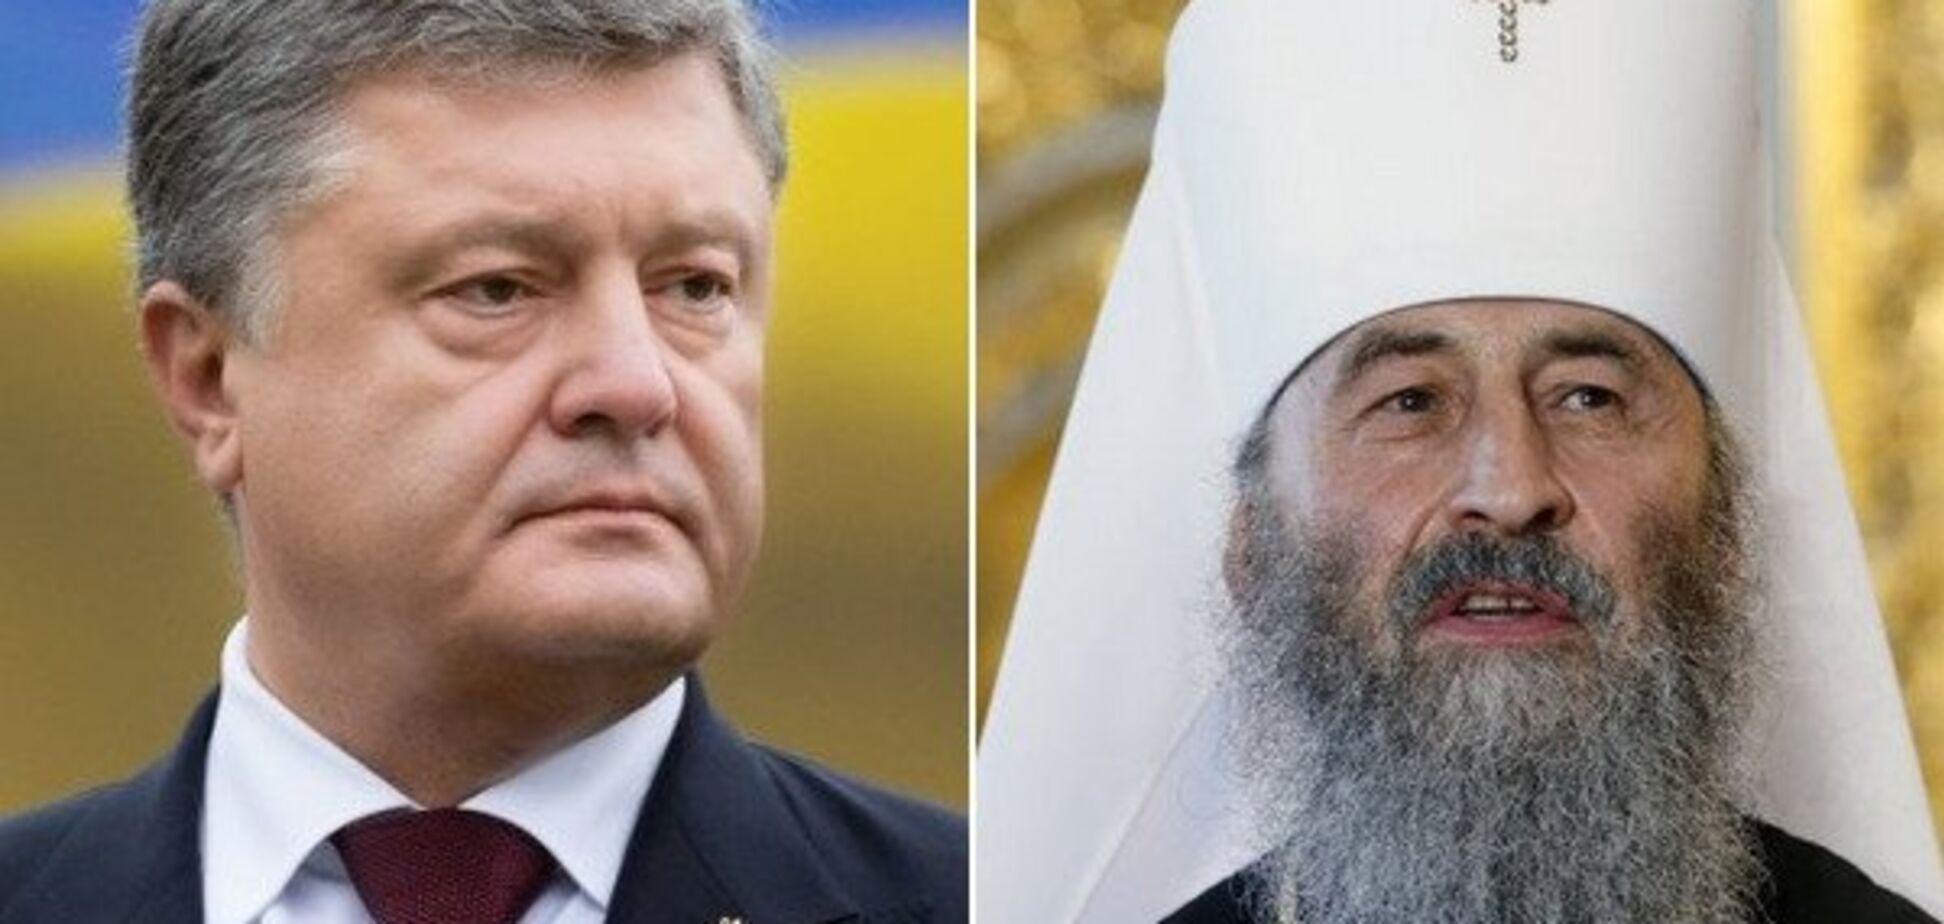 Встреча состоялась: к Порошенко тайно пришли епископы УПЦ МП